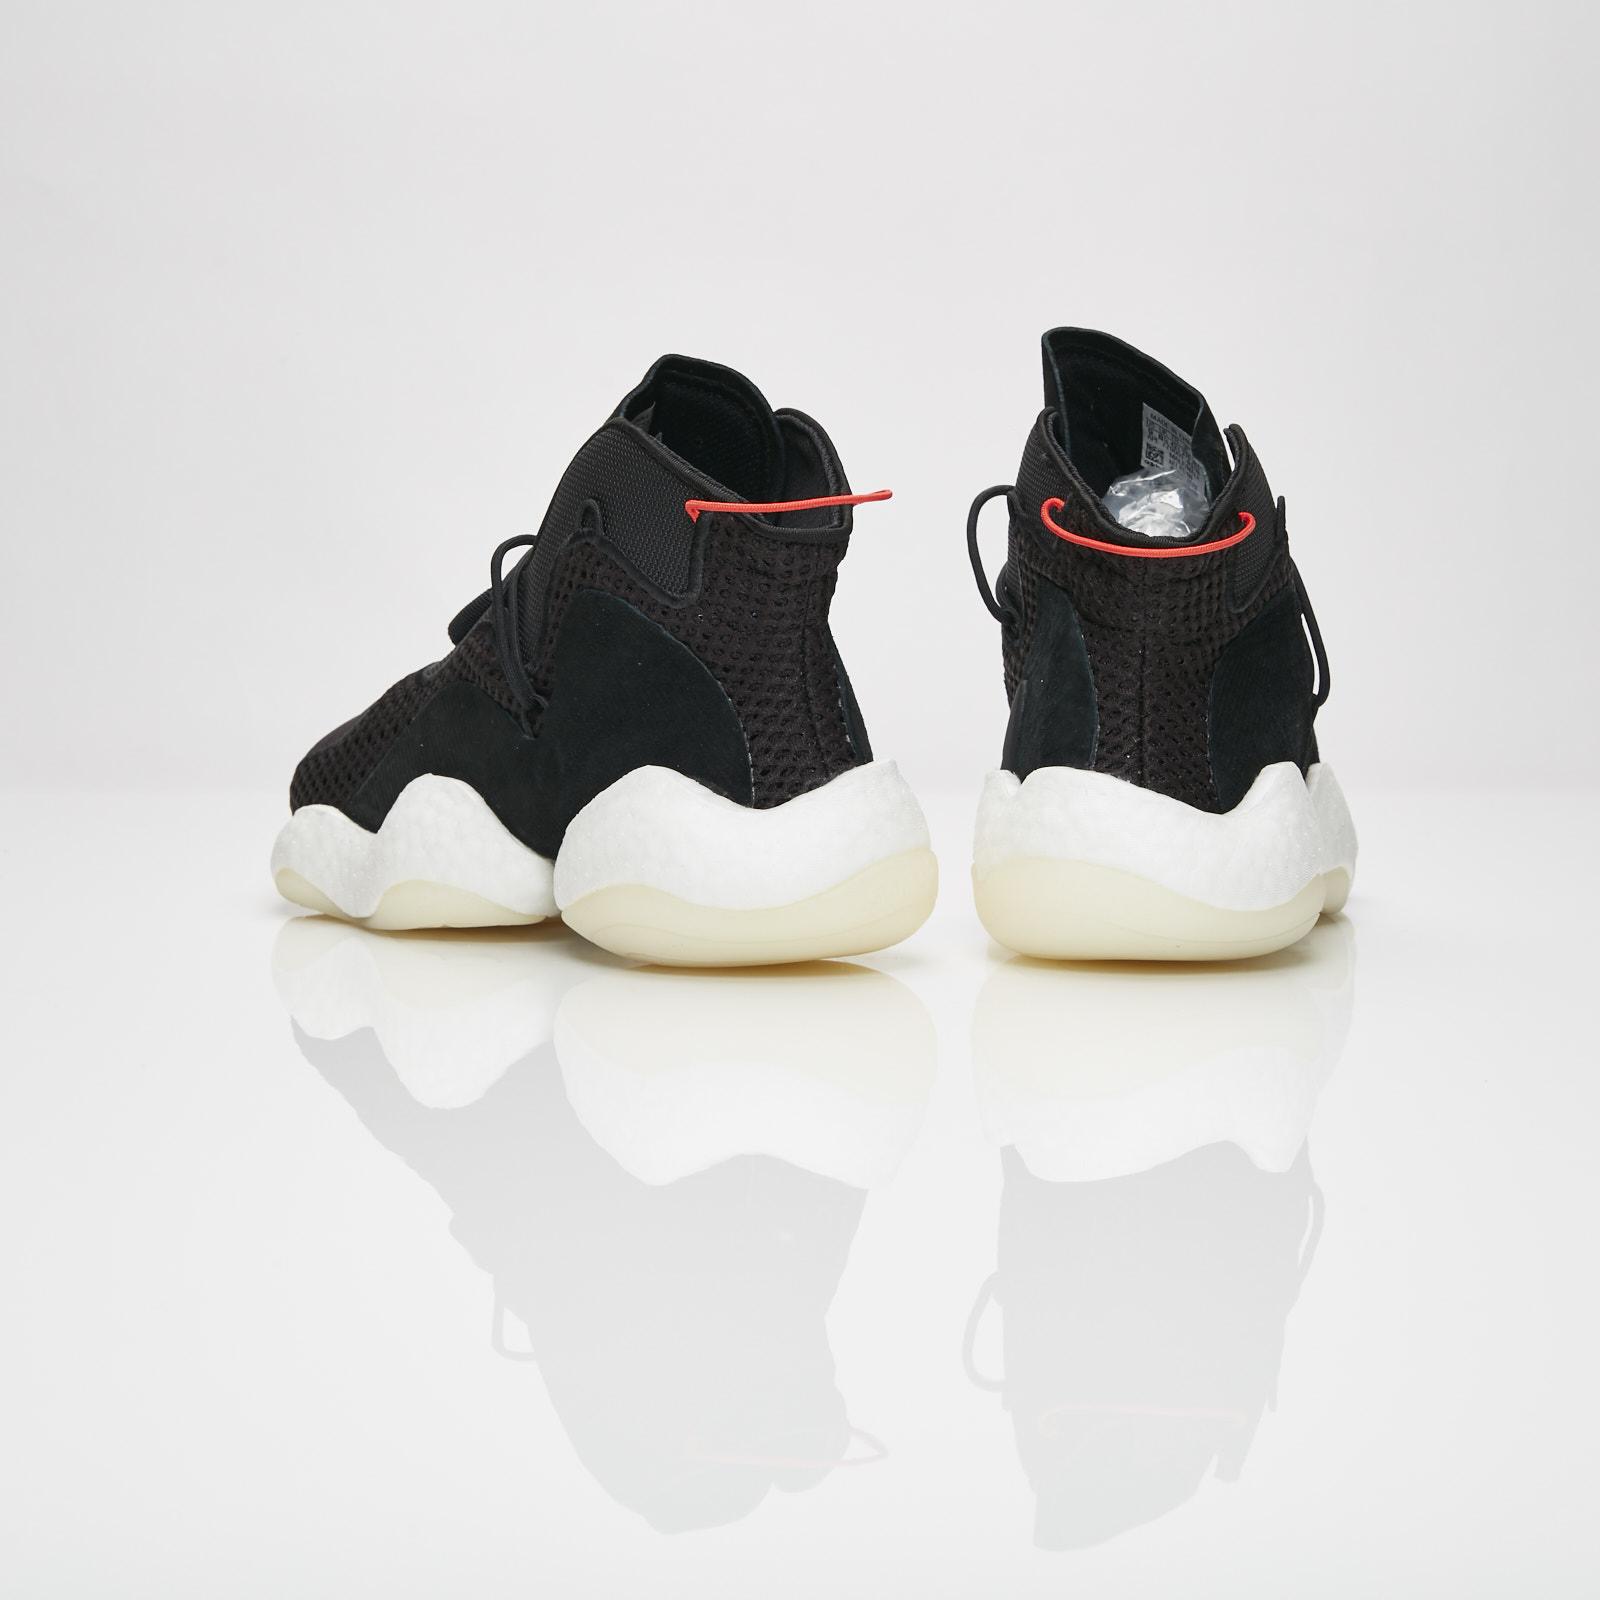 pretty nice c5058 b15ef adidas Originals Crazy BYW LVL I adidas Originals Crazy BYW LVL I ...